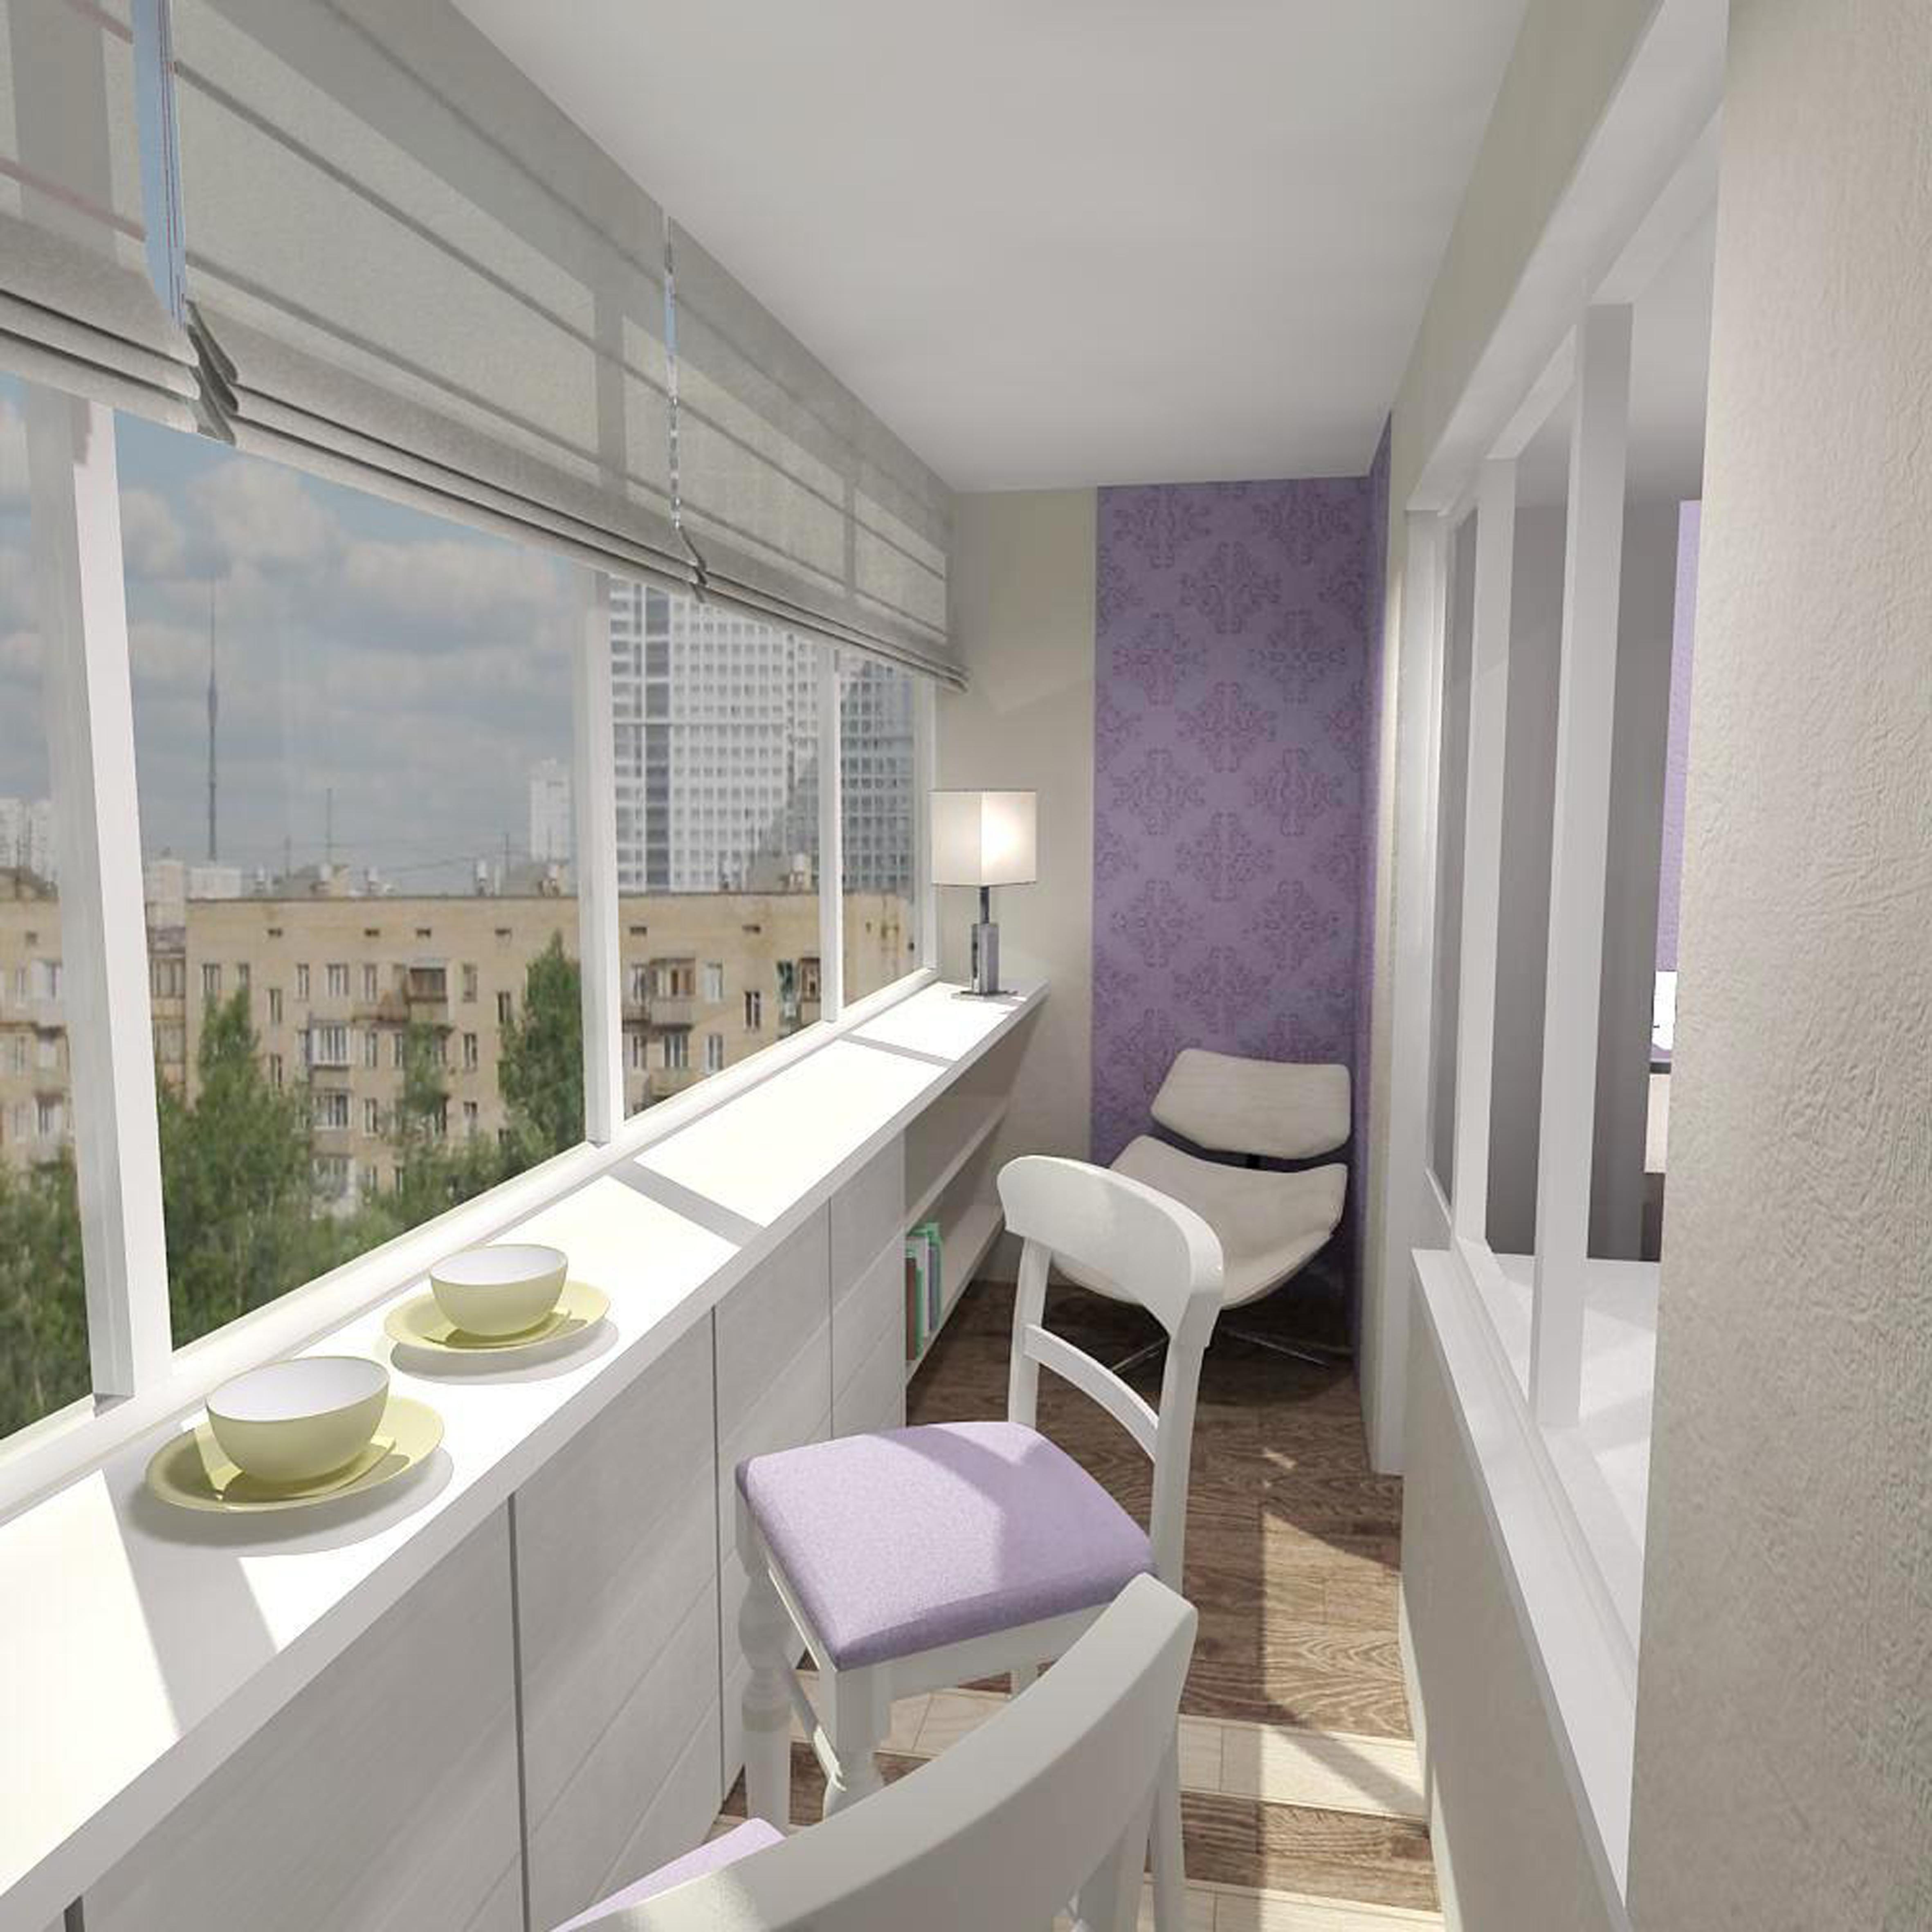 Балконы 6 метров отделка интересные идеи фото..